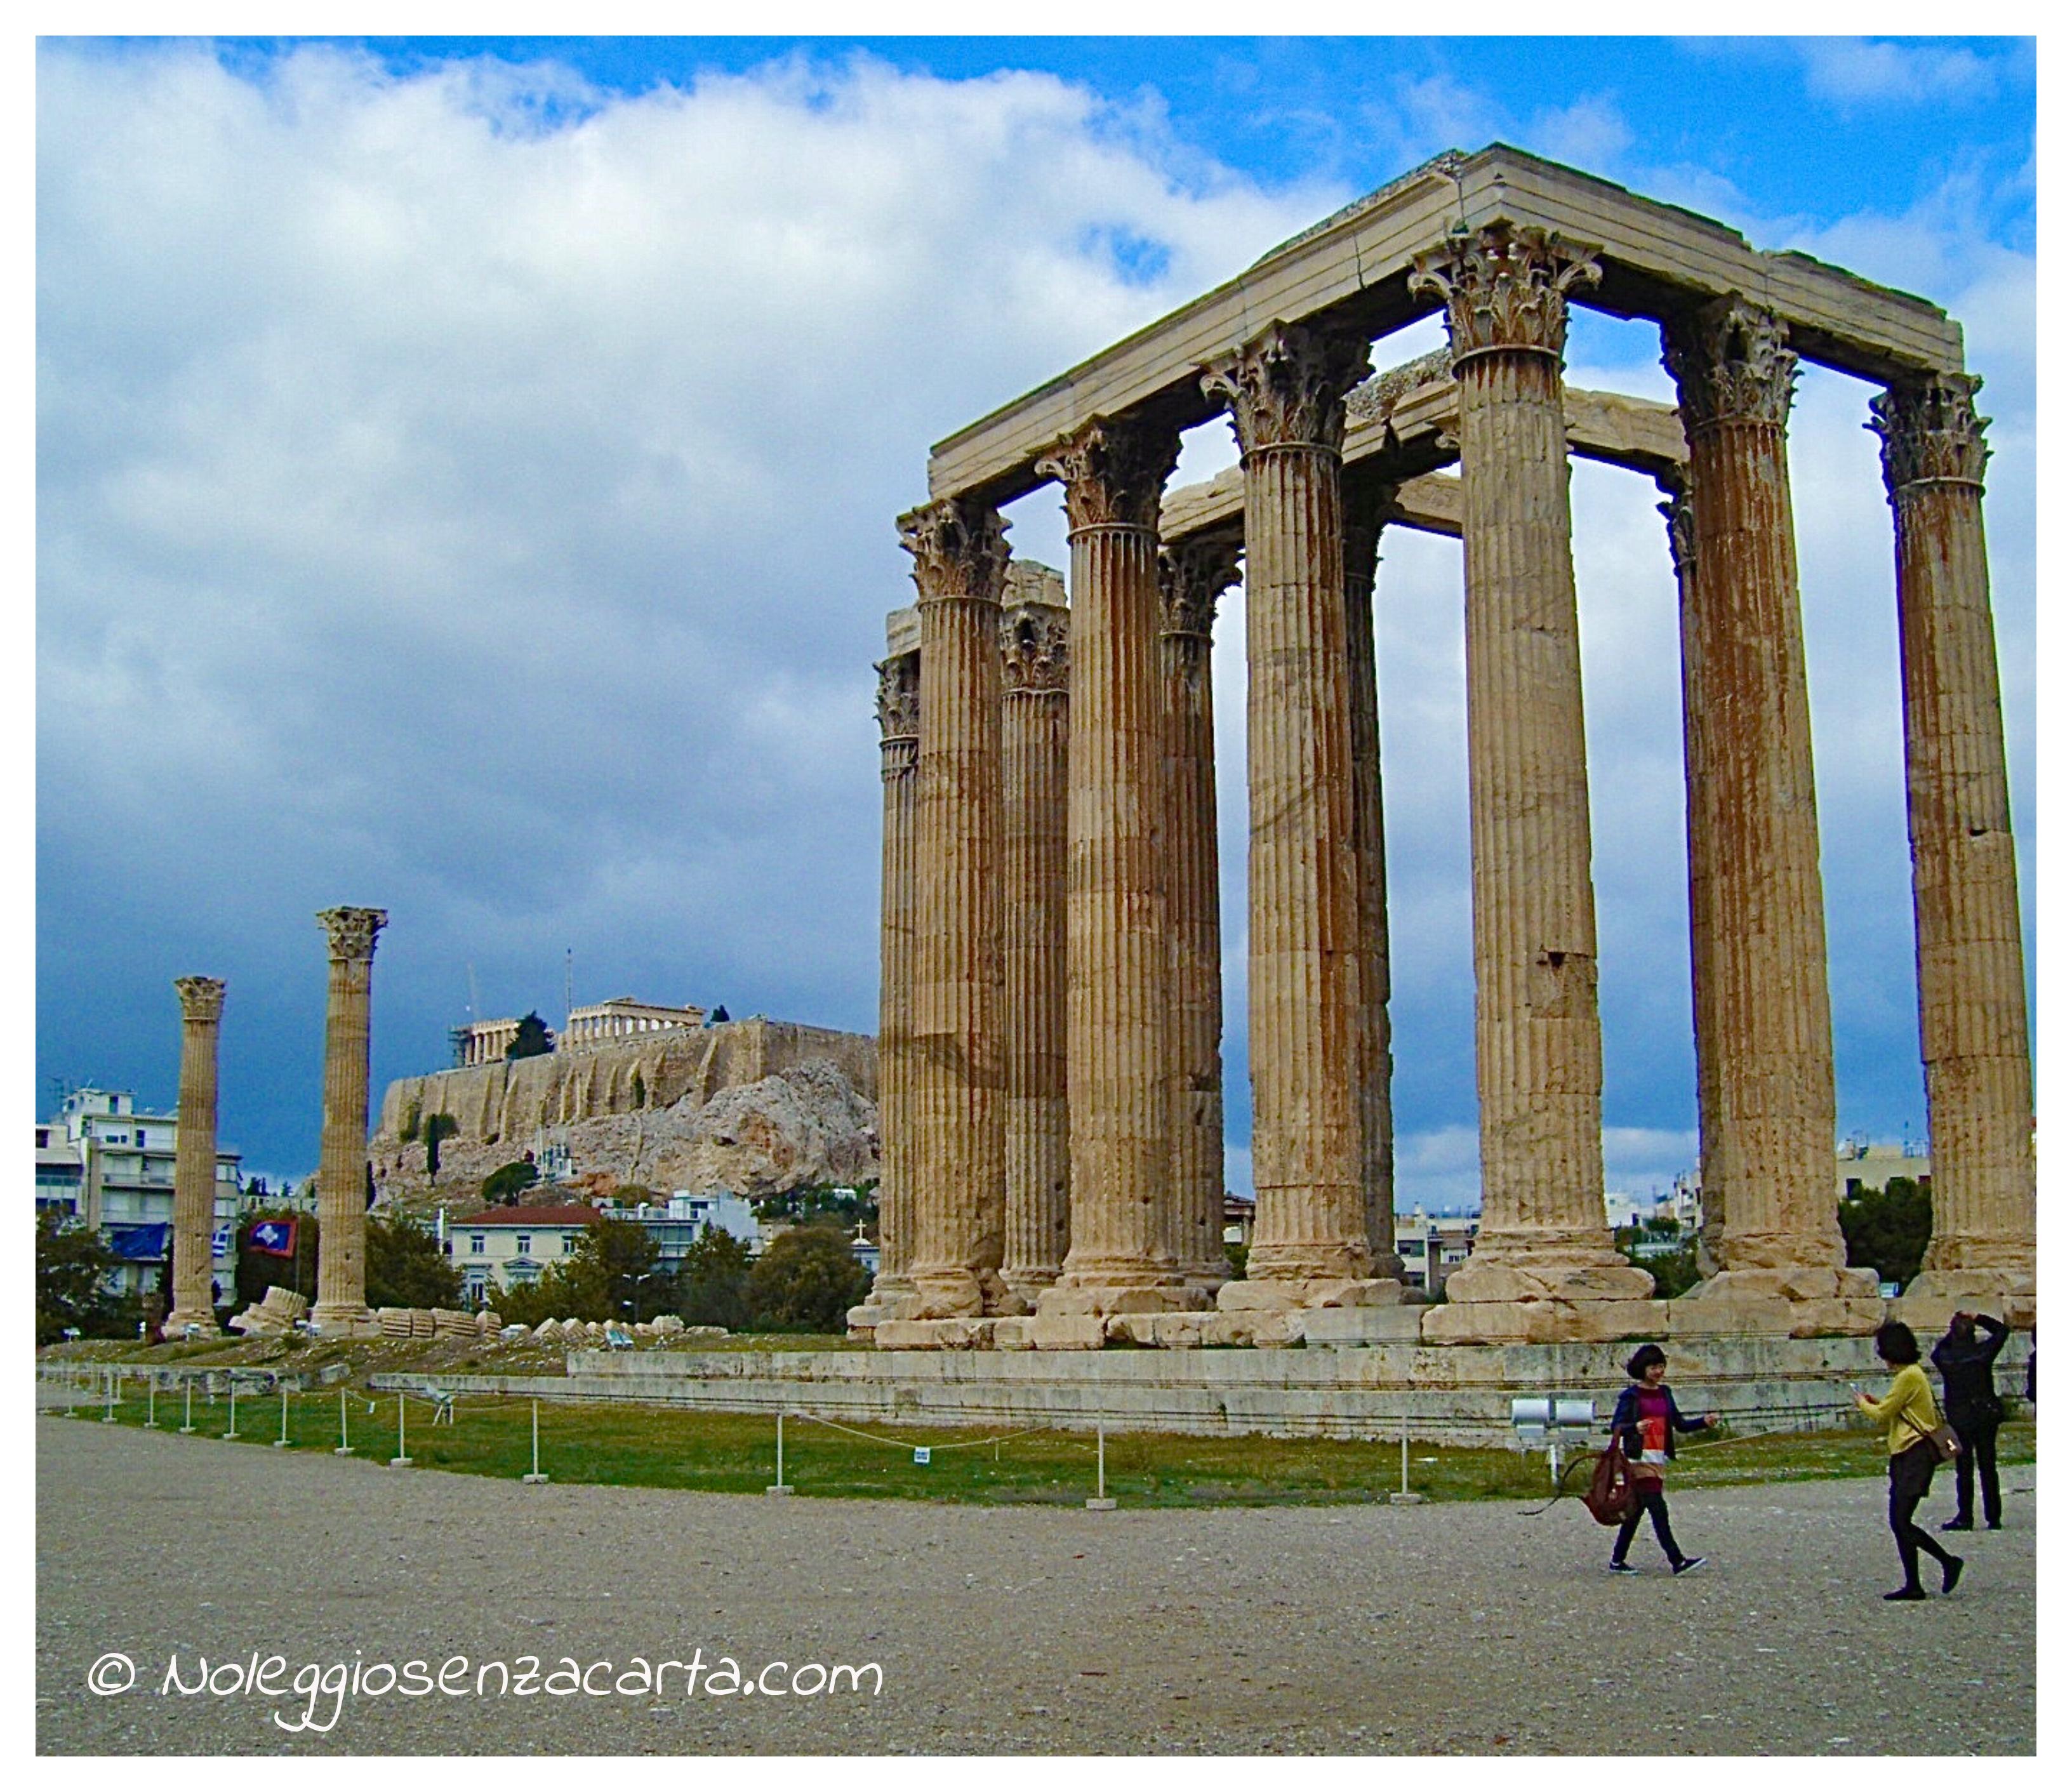 Noleggiare auto senza carta di credito in Grecia – Atene